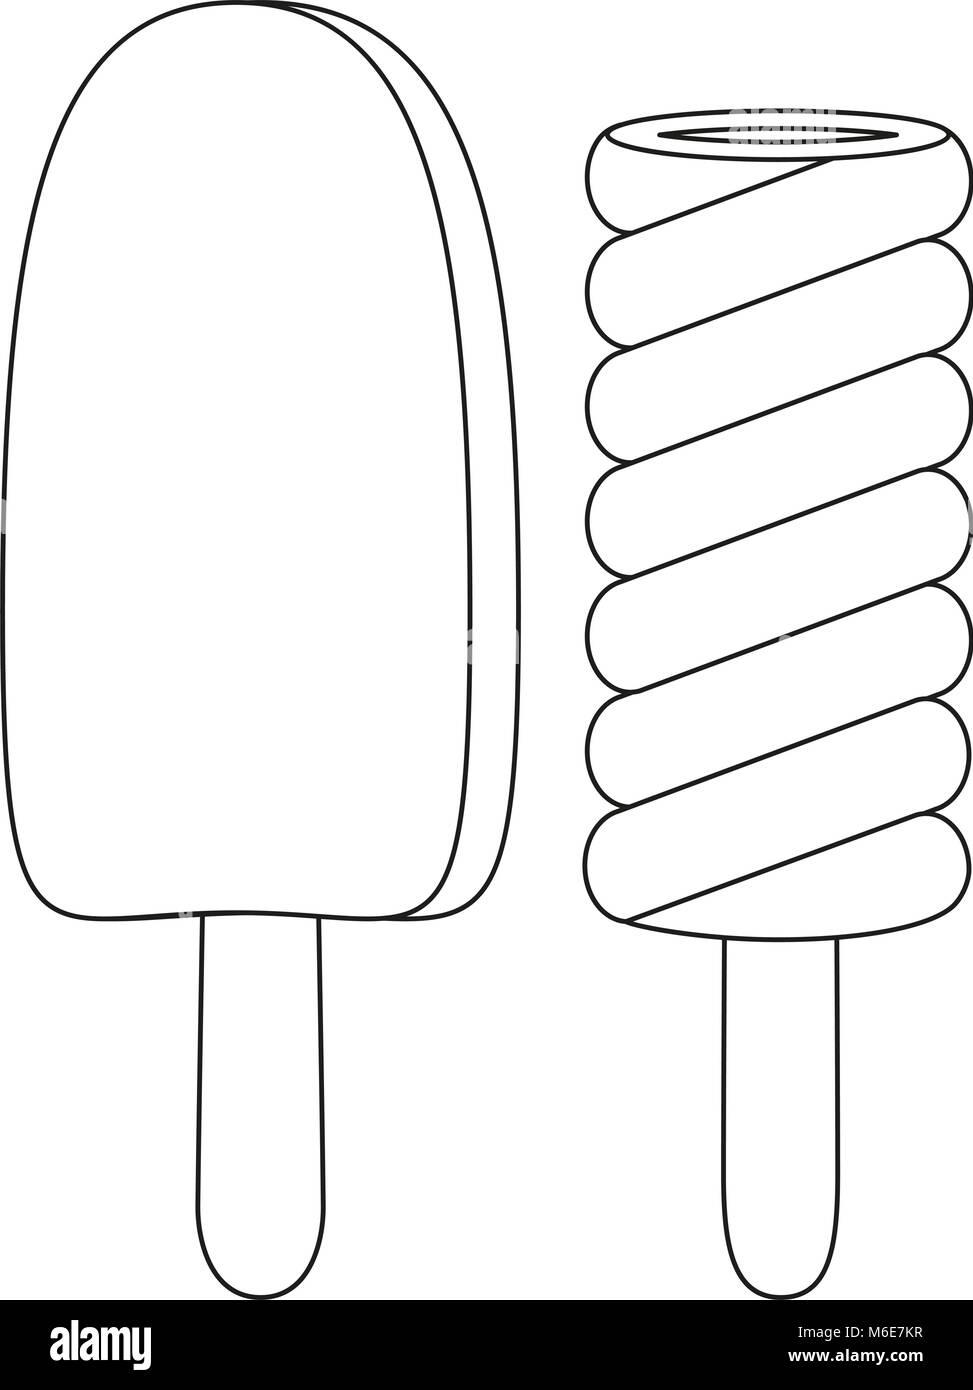 preto e branco ícone arte linha de sorvete de chocolate picolé de